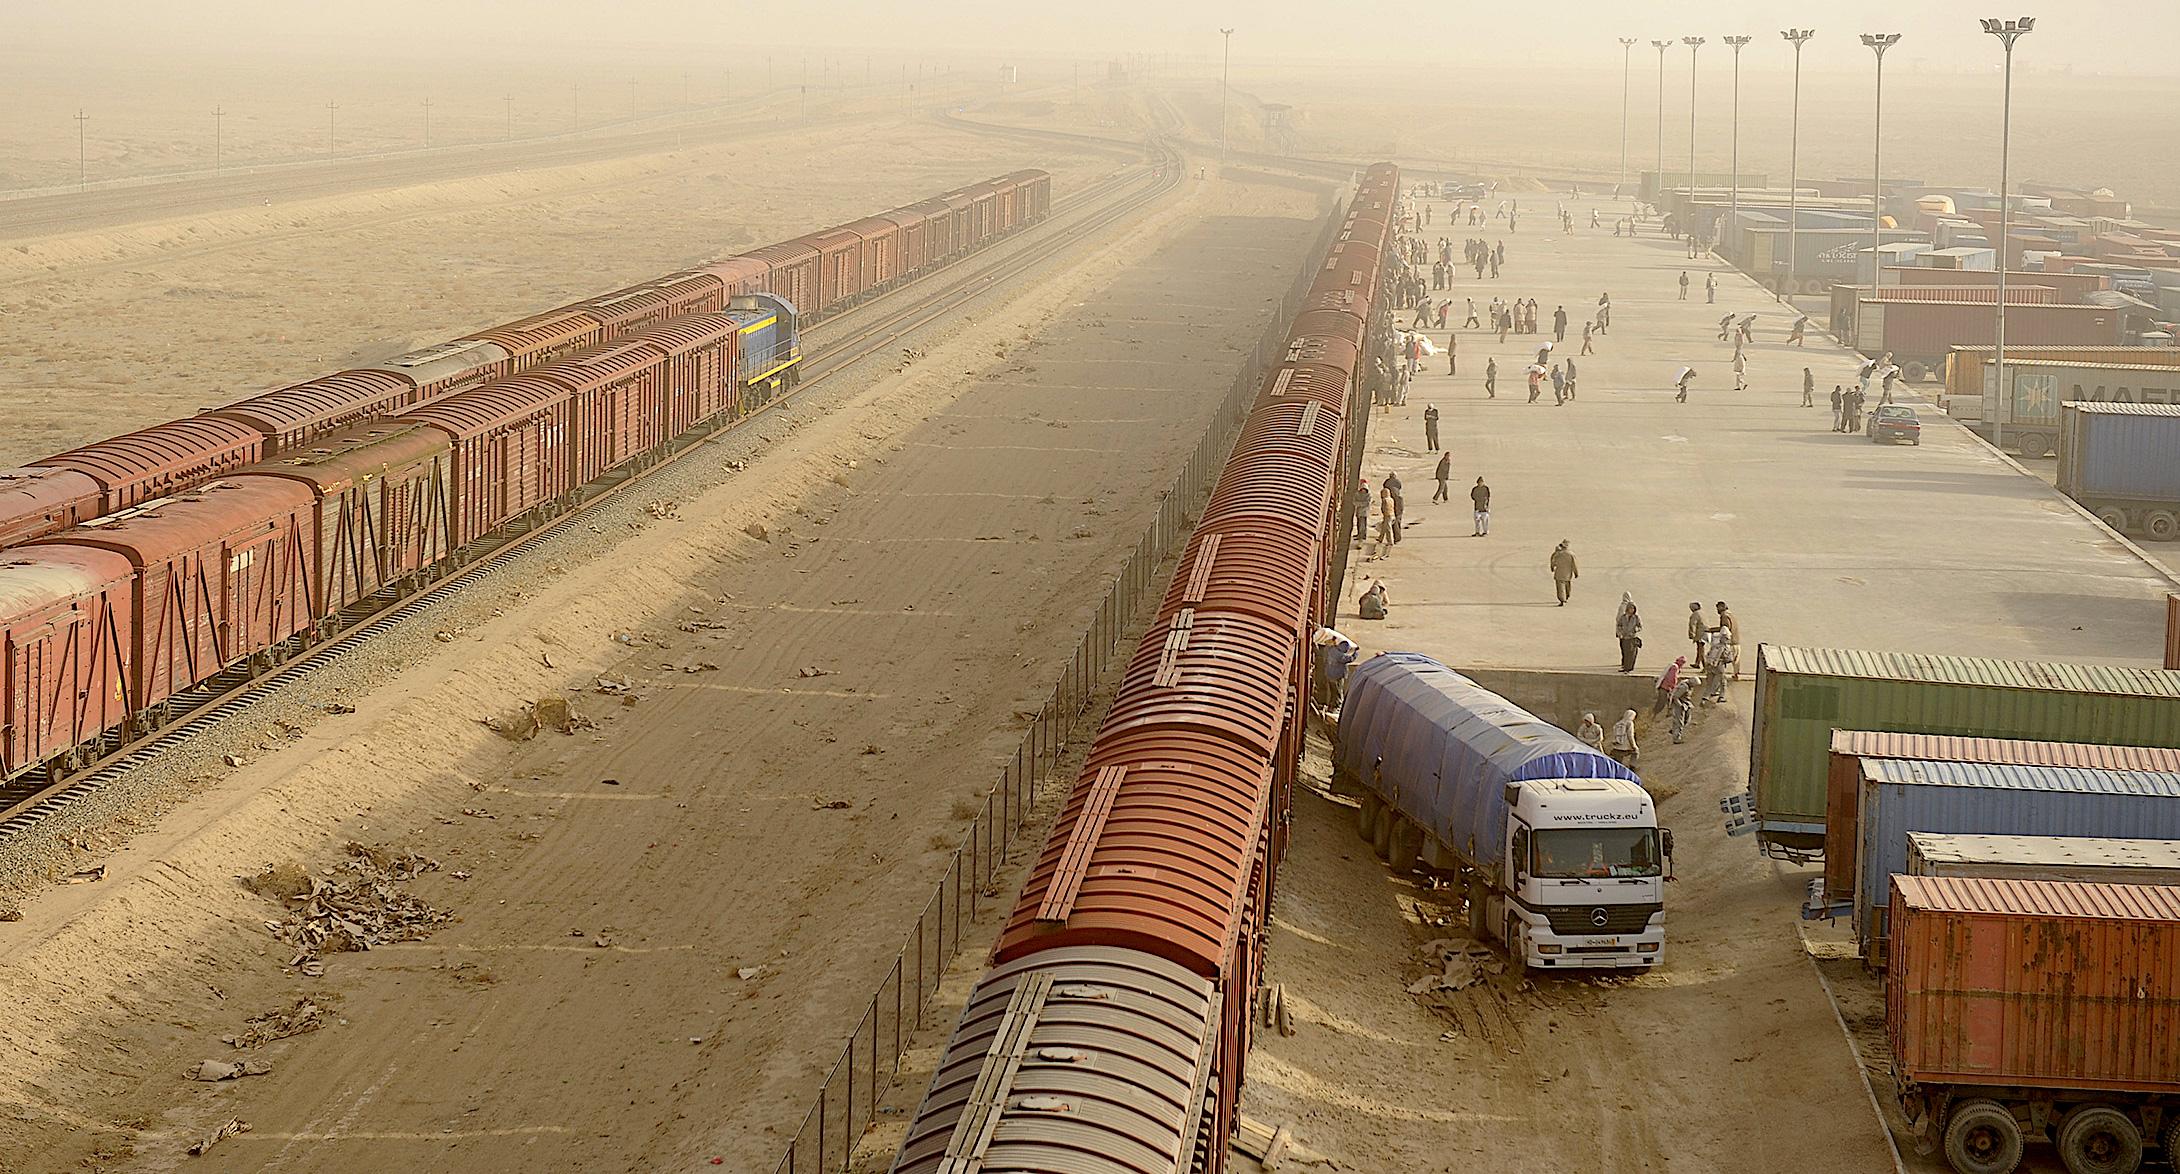 در پی دیدار میرزایف از ایالات متحده پروژه خط آهن افغانستان به واقعیت نزدیک تر شده است